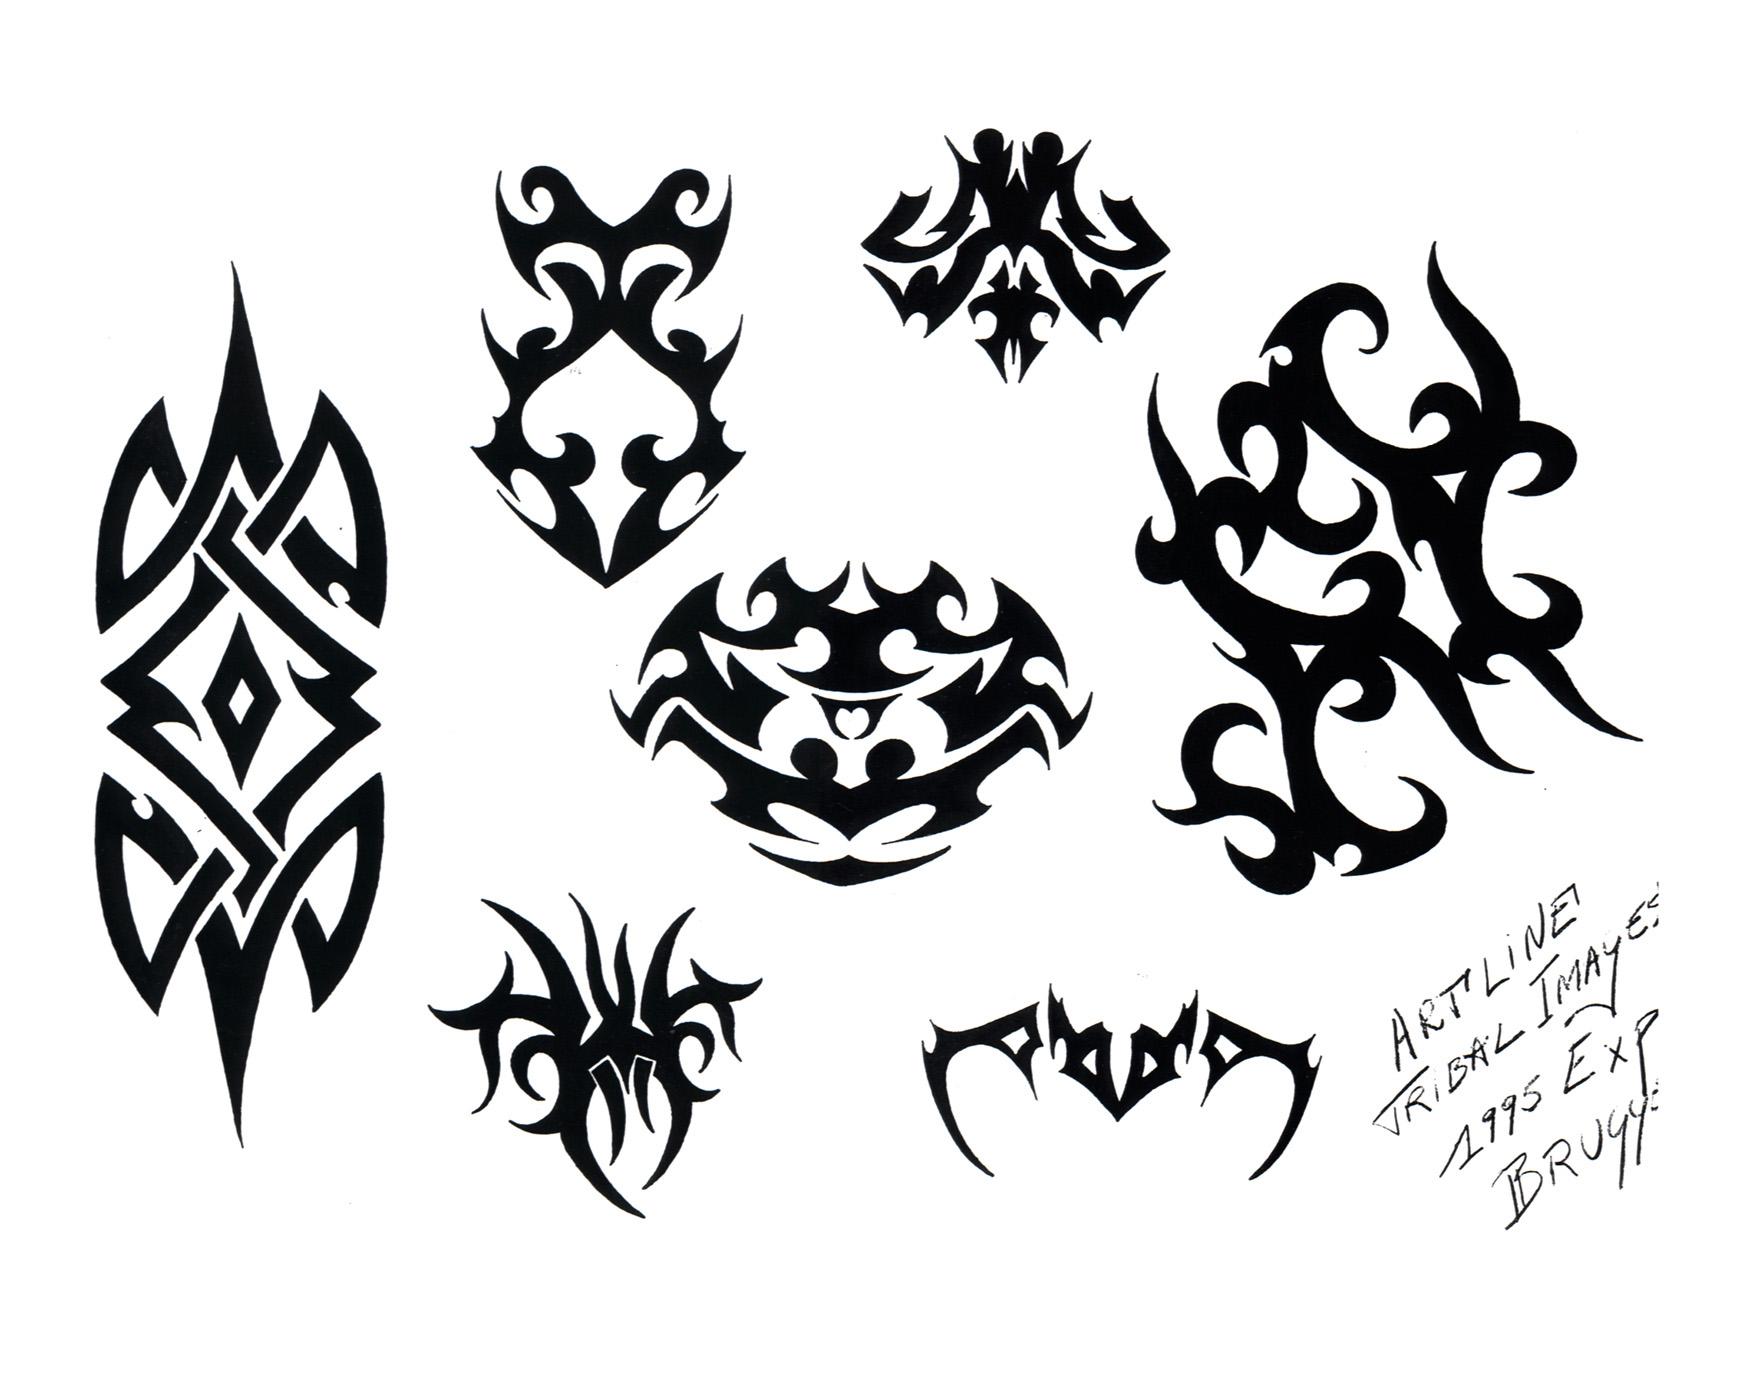 【素材图腾轴承贴---专题】---持续组合中纹身更新设计图改错图片